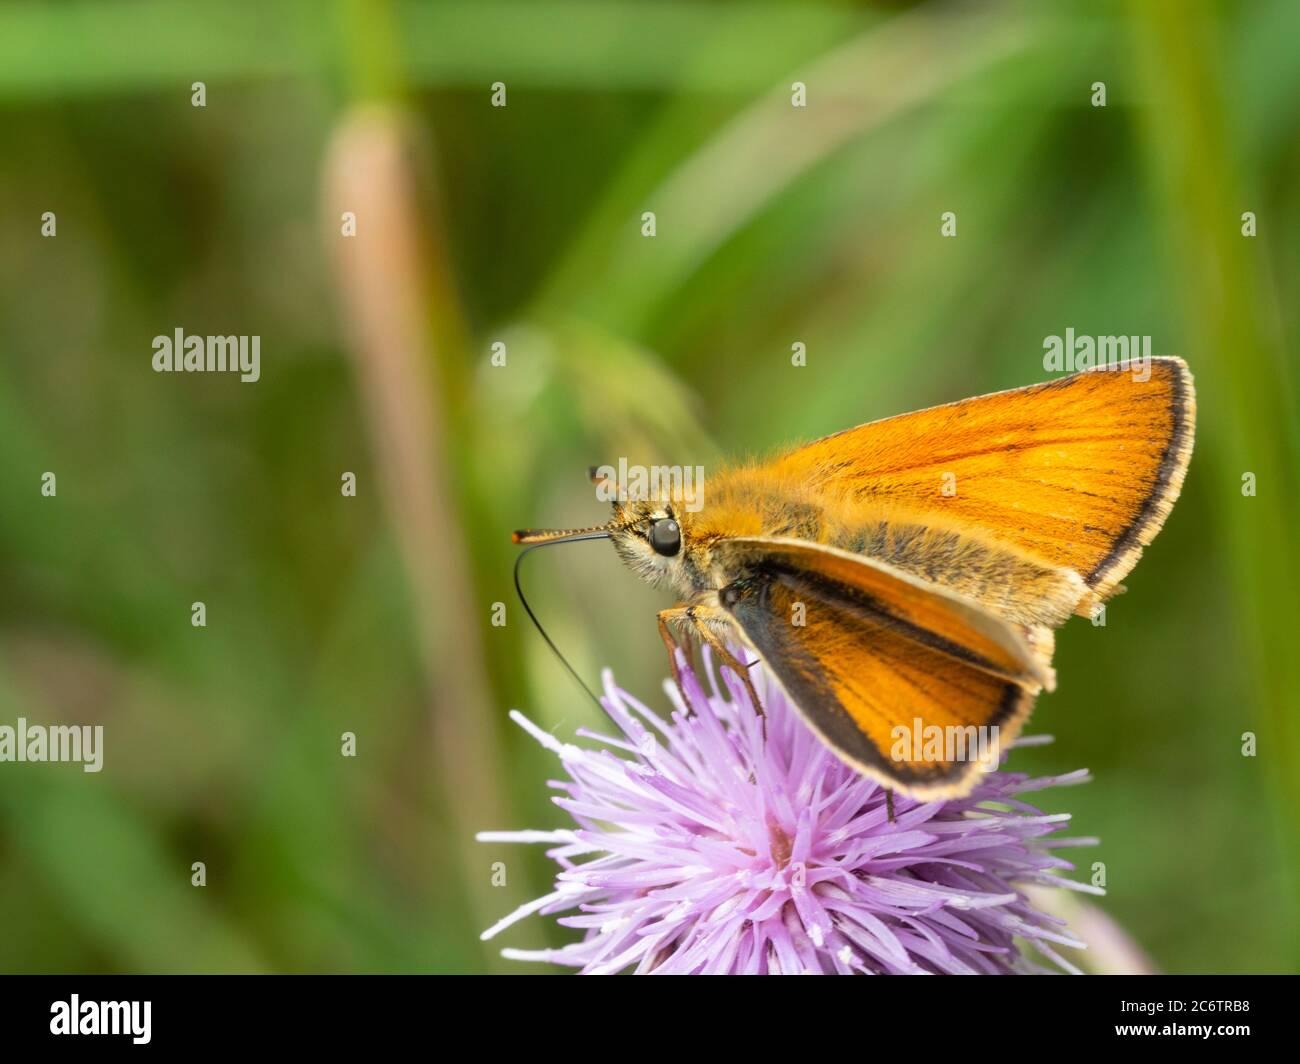 Hembra adulto pequeño patrón de la mariposa alimentándose en cardo que se derrita, Cirsium arvense, en el Reino Unido pradera Foto de stock